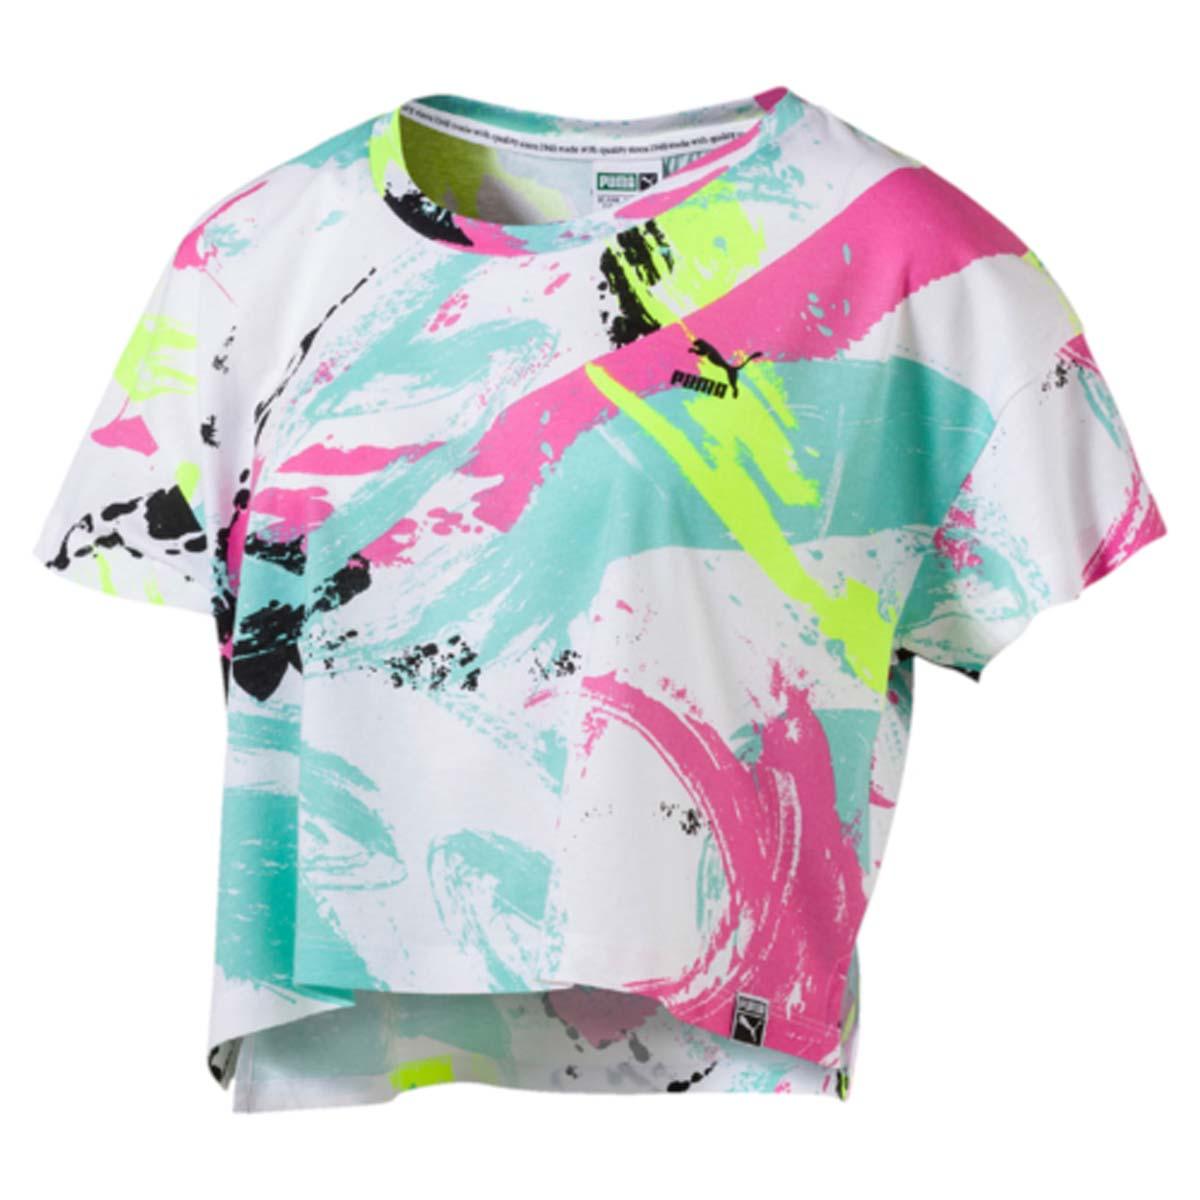 Футболка57248257Стильная укороченная футболка Archive Logo Cropped Tee маст хев этого сезона. Боковые разрезы и свободный крой обеспечивают свободу движений. Задний подол удлинен. Модель декорирована ярким принтом.